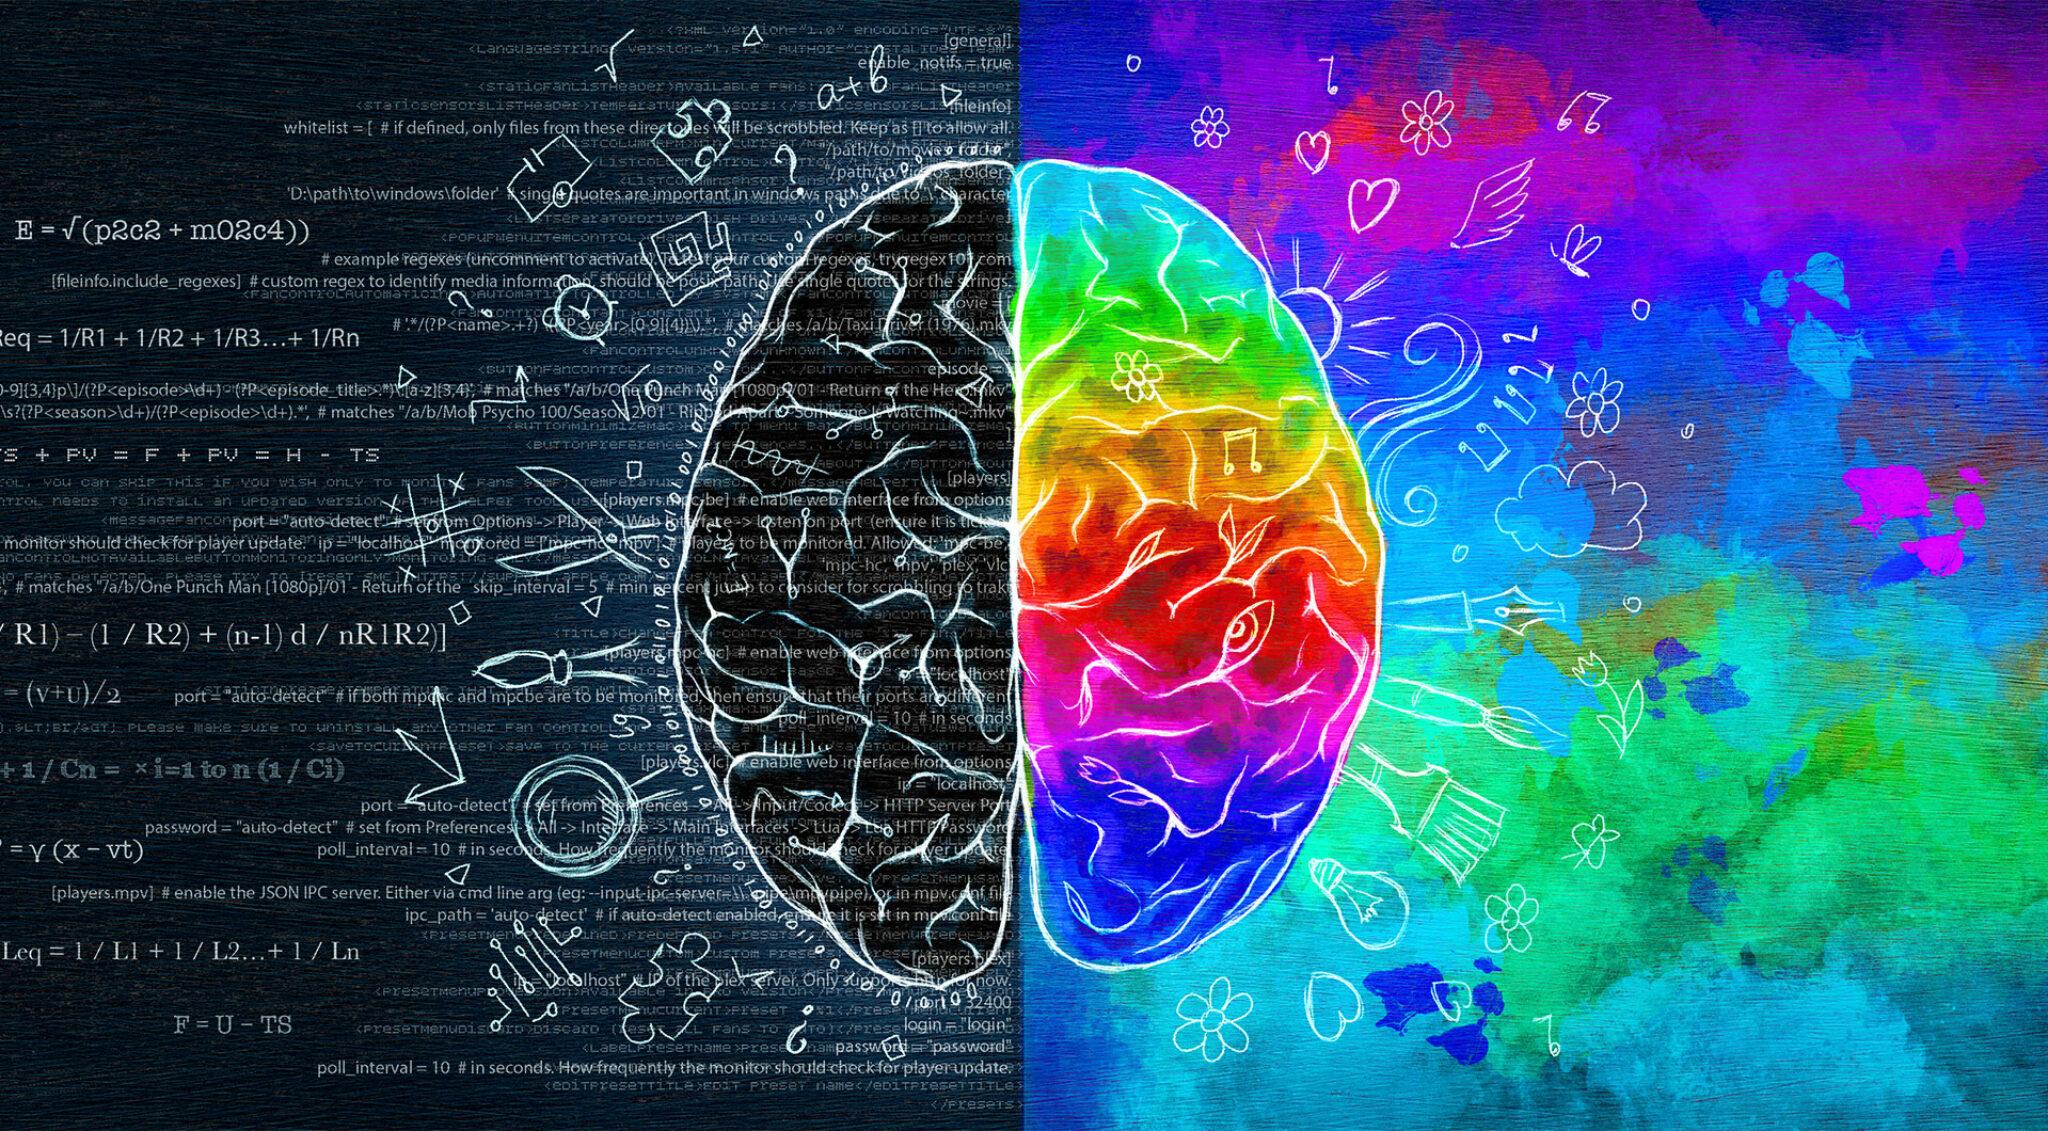 Illustration des Gehirns, unterteilt in die linke und rechte Gehirnhälfte.